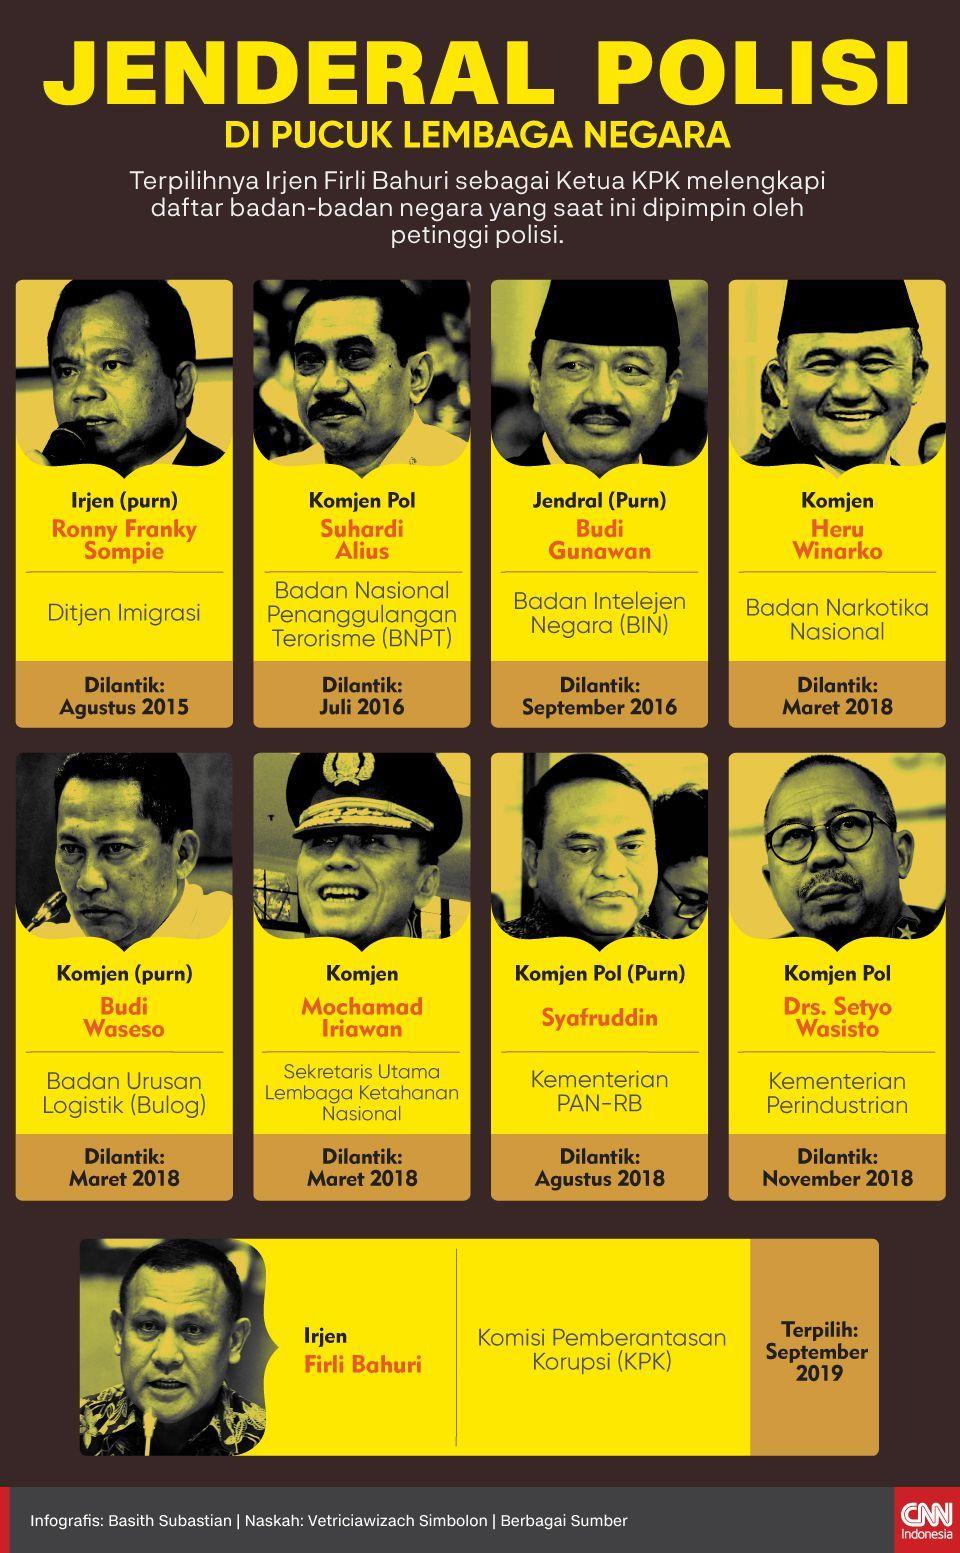 Infografis Jenderal Polisi di Pucuk Lembaga Negara